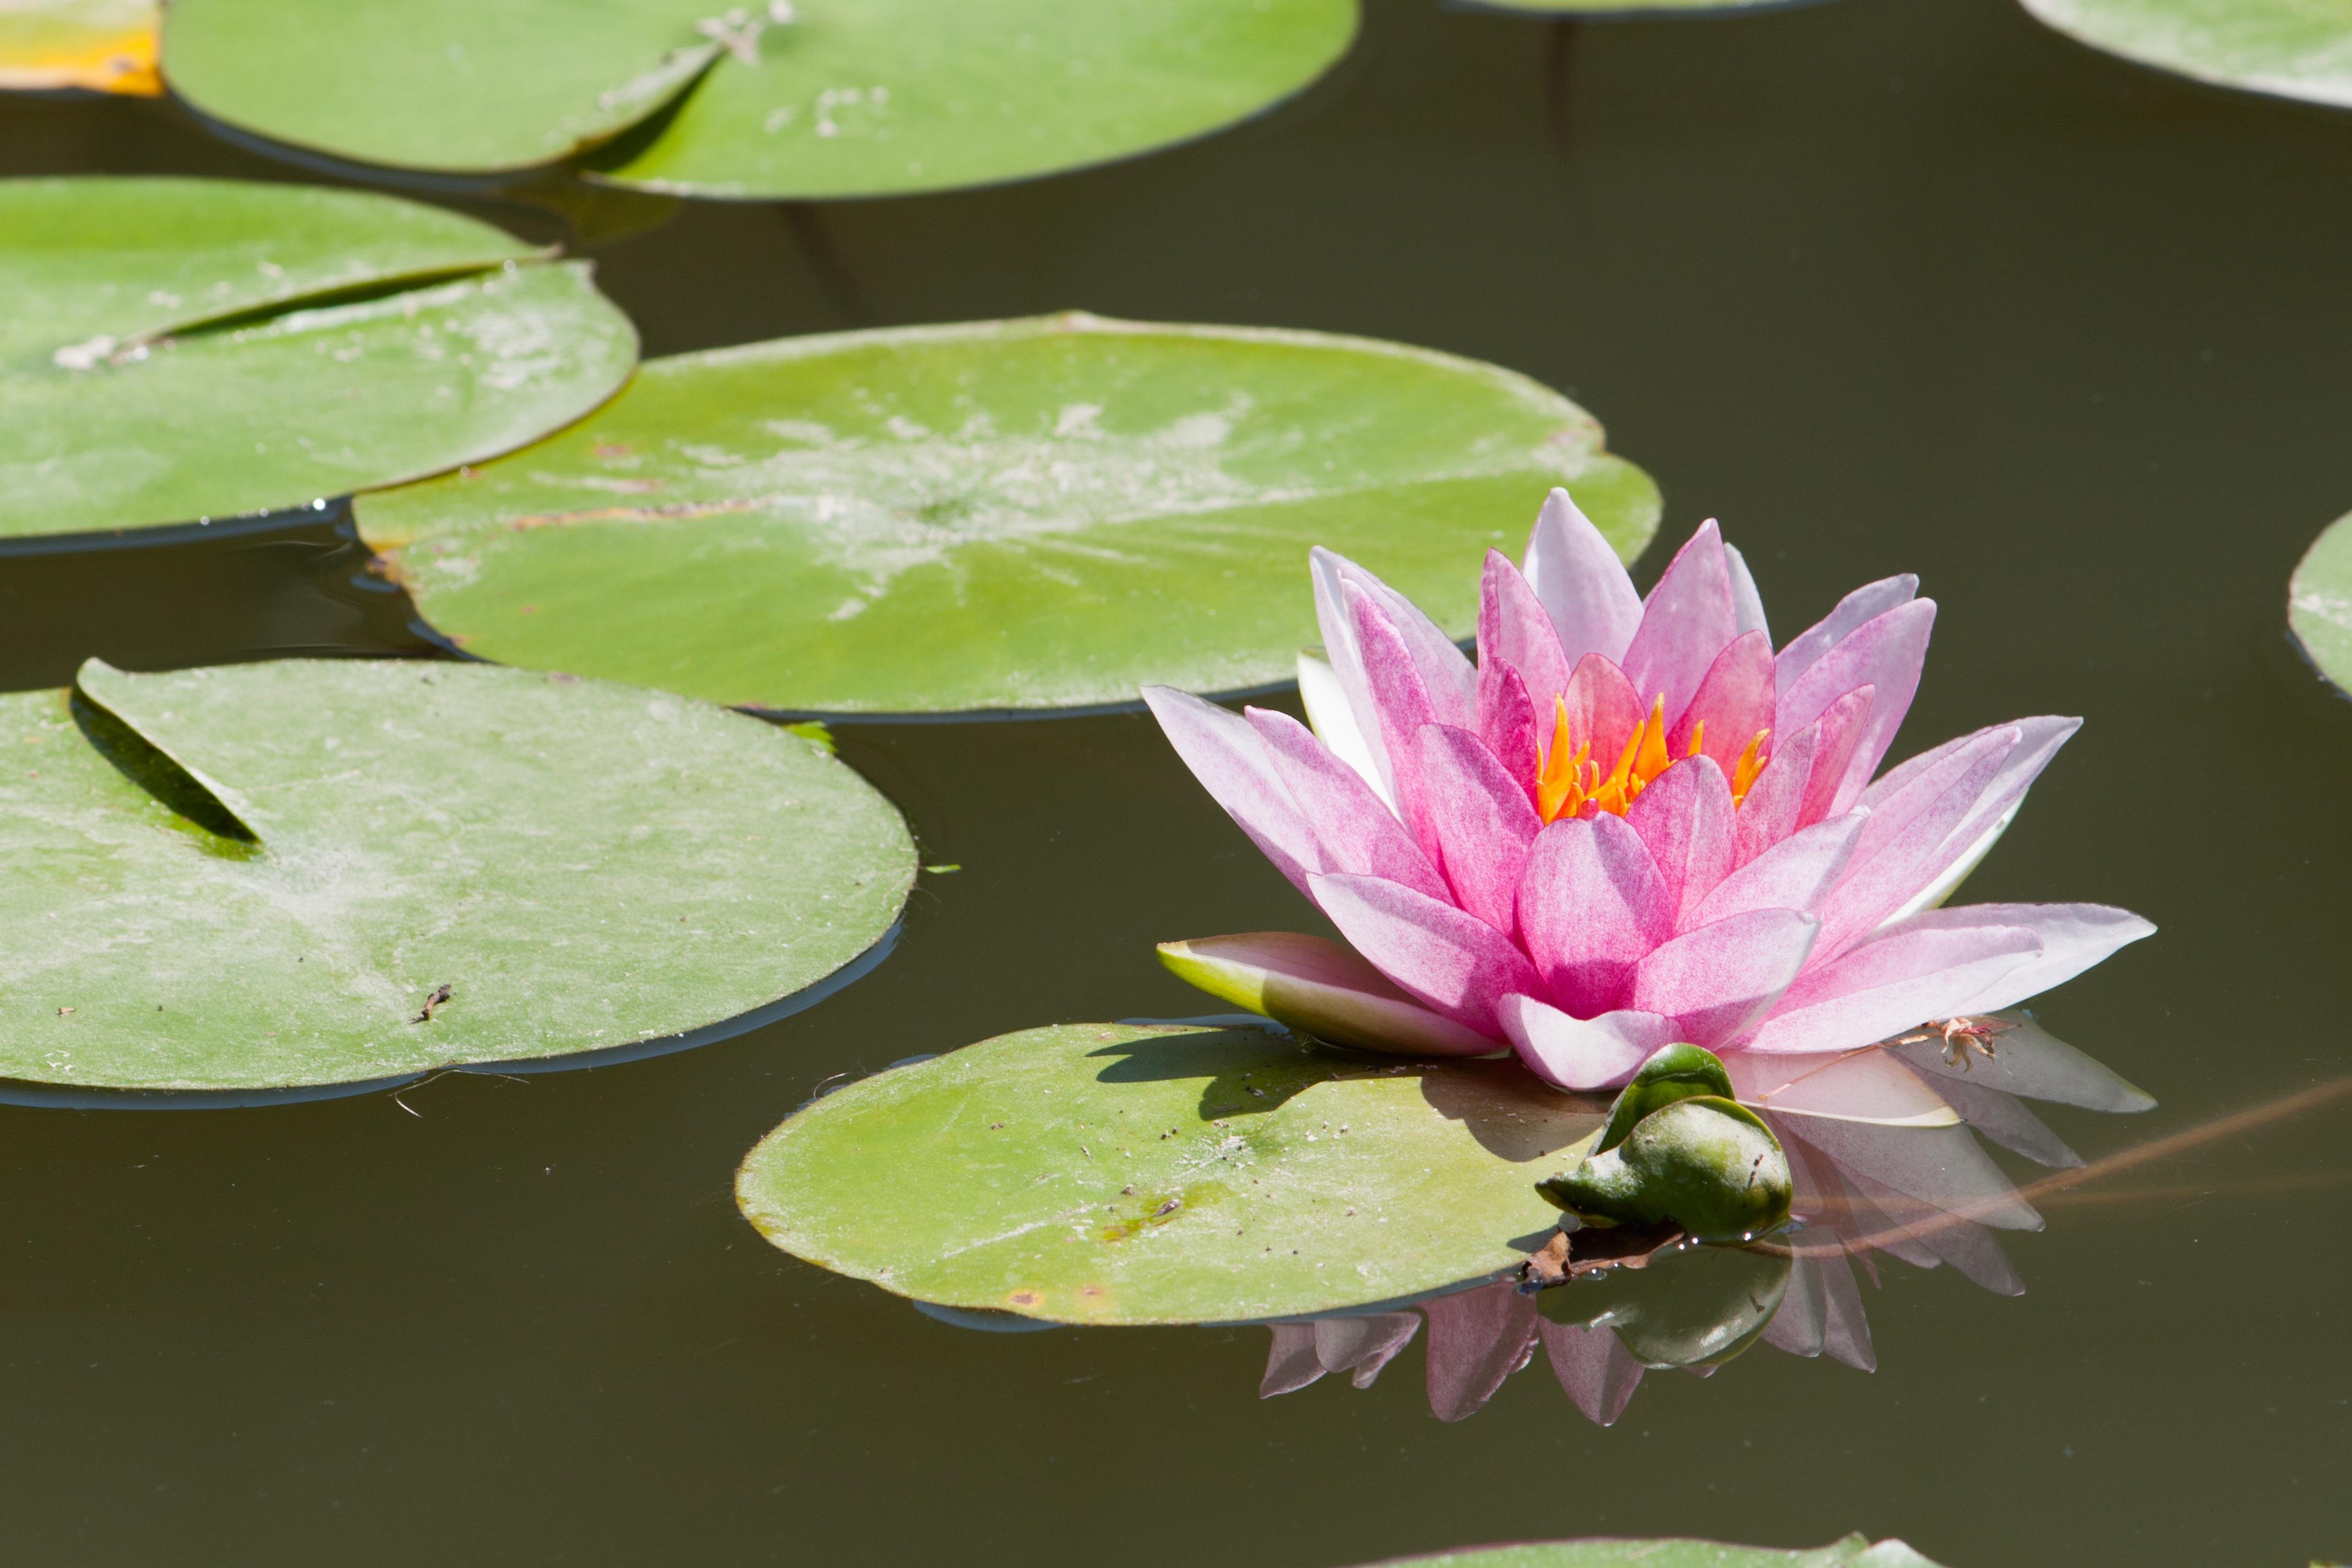 Free Images Blossom Leaf Flower Petal Lake Pond Green